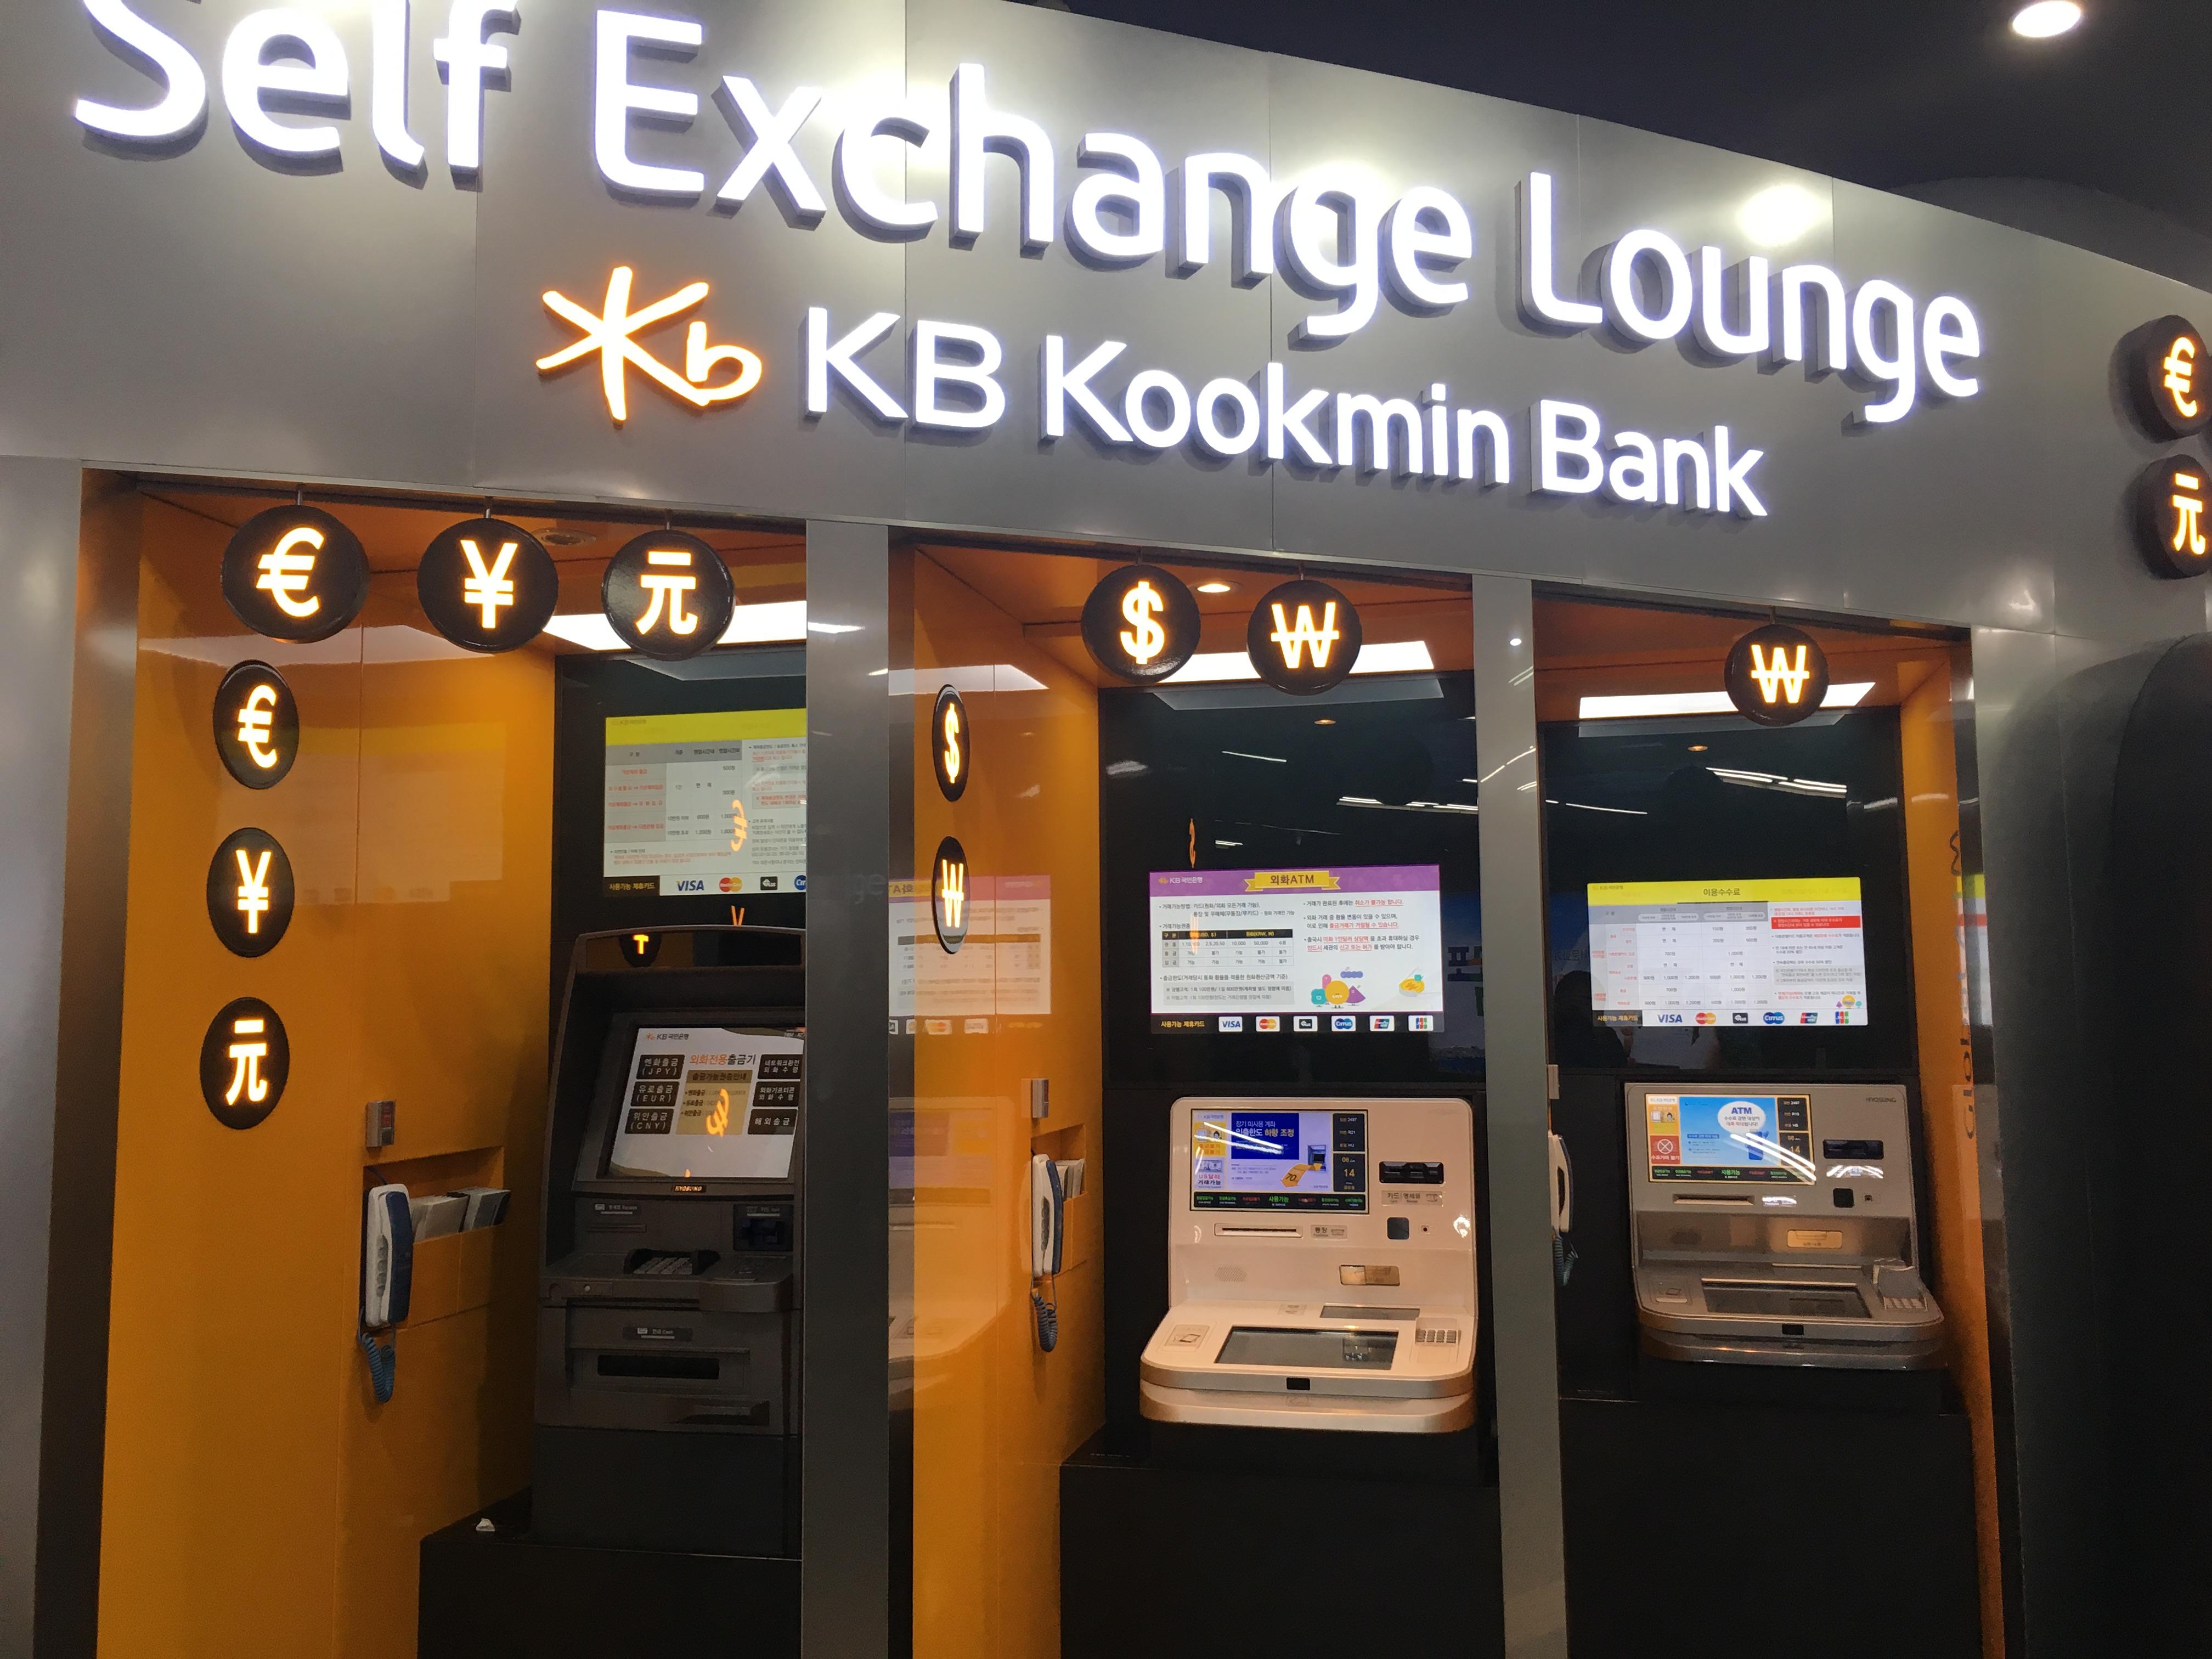 仁川(インチョン)の両替について「日本円→ウォン」のおすすめ両替方法を解説